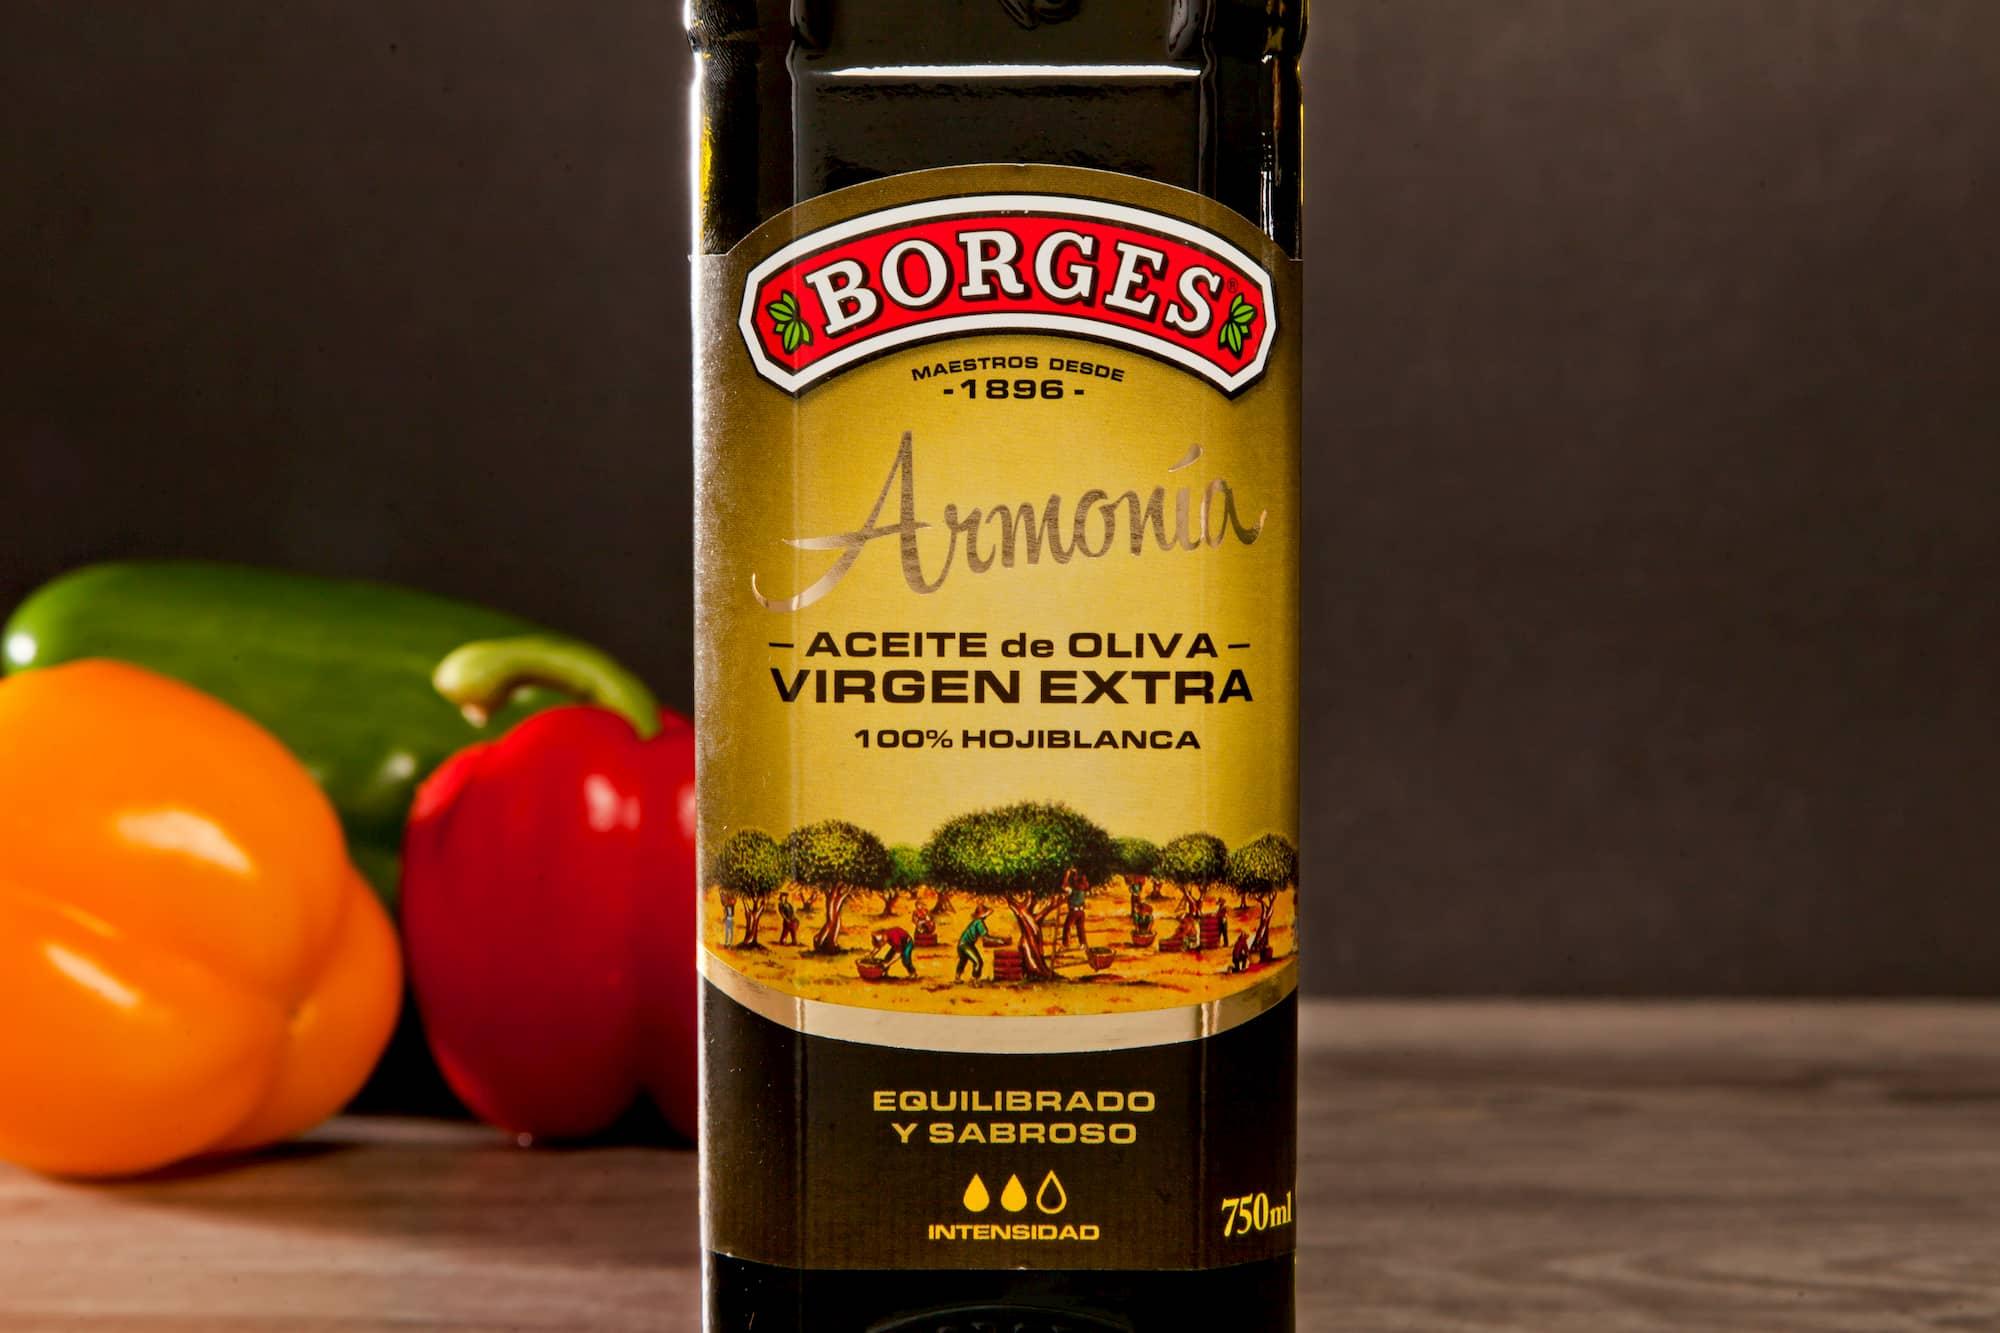 Borges Armonía